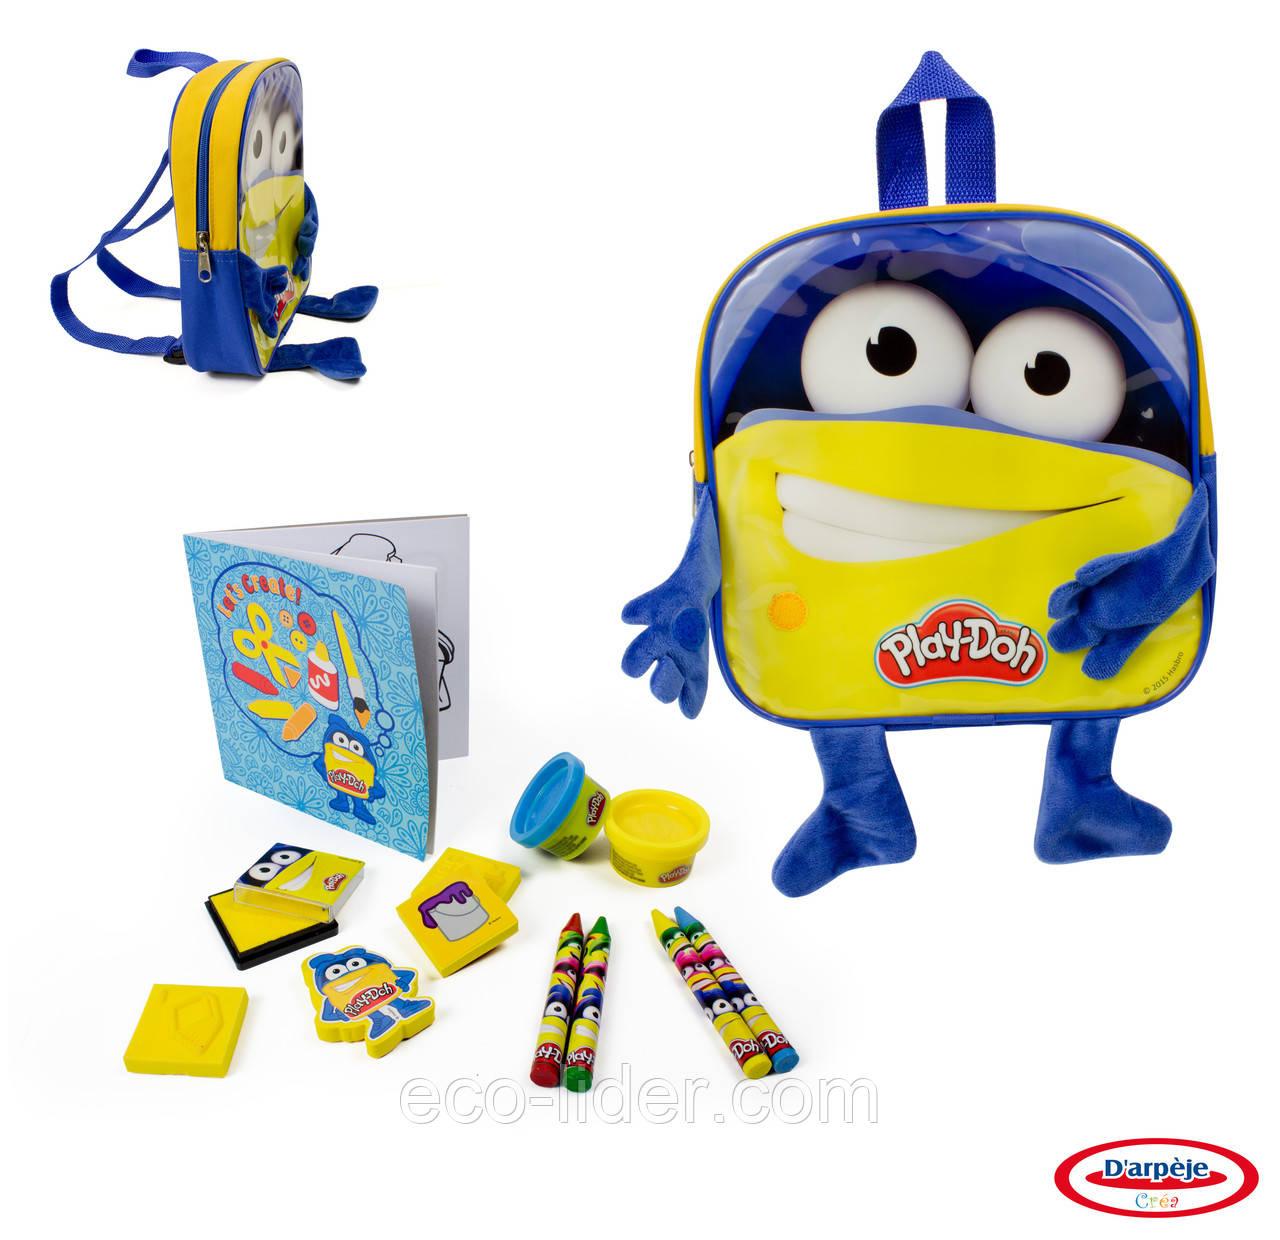 Набор для творчества PLAY-DOH - РЮКЗАК СКАЙ (штемпели, восковые карандаши, масса для лепки, аксес.)